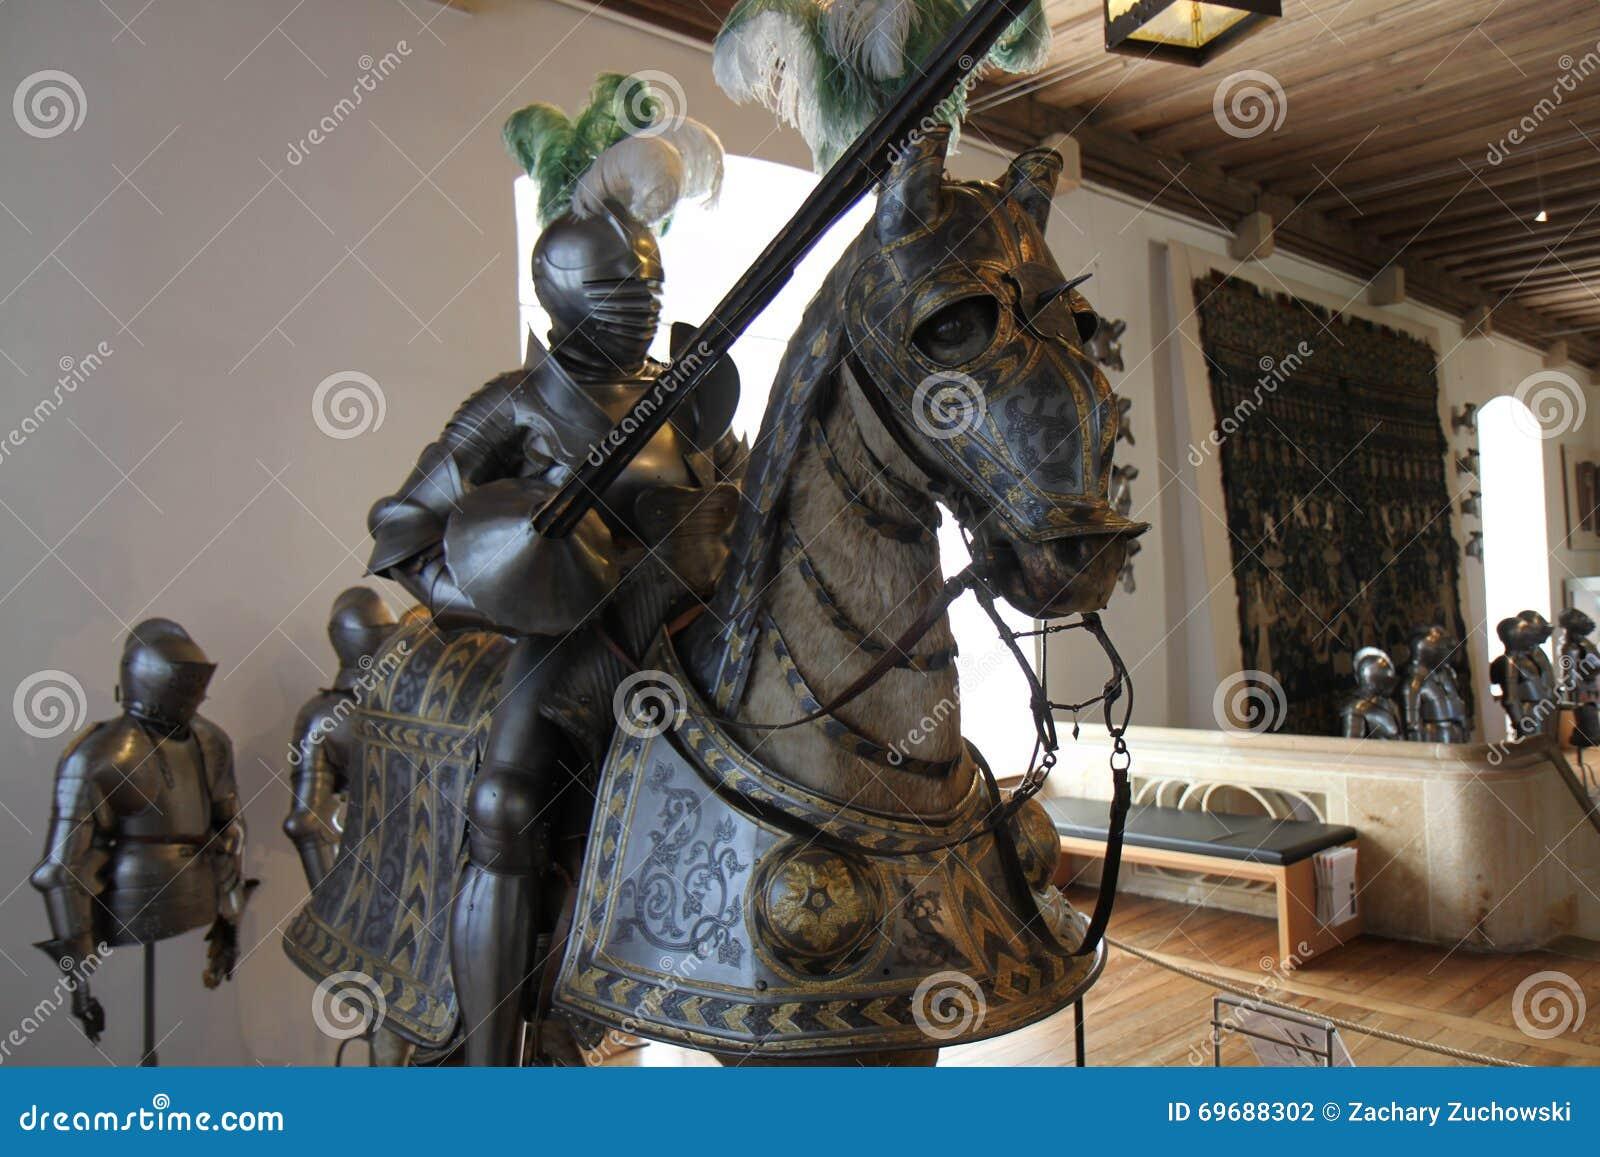 Knight a armadura uma armadura jousting da lança e do cavalo